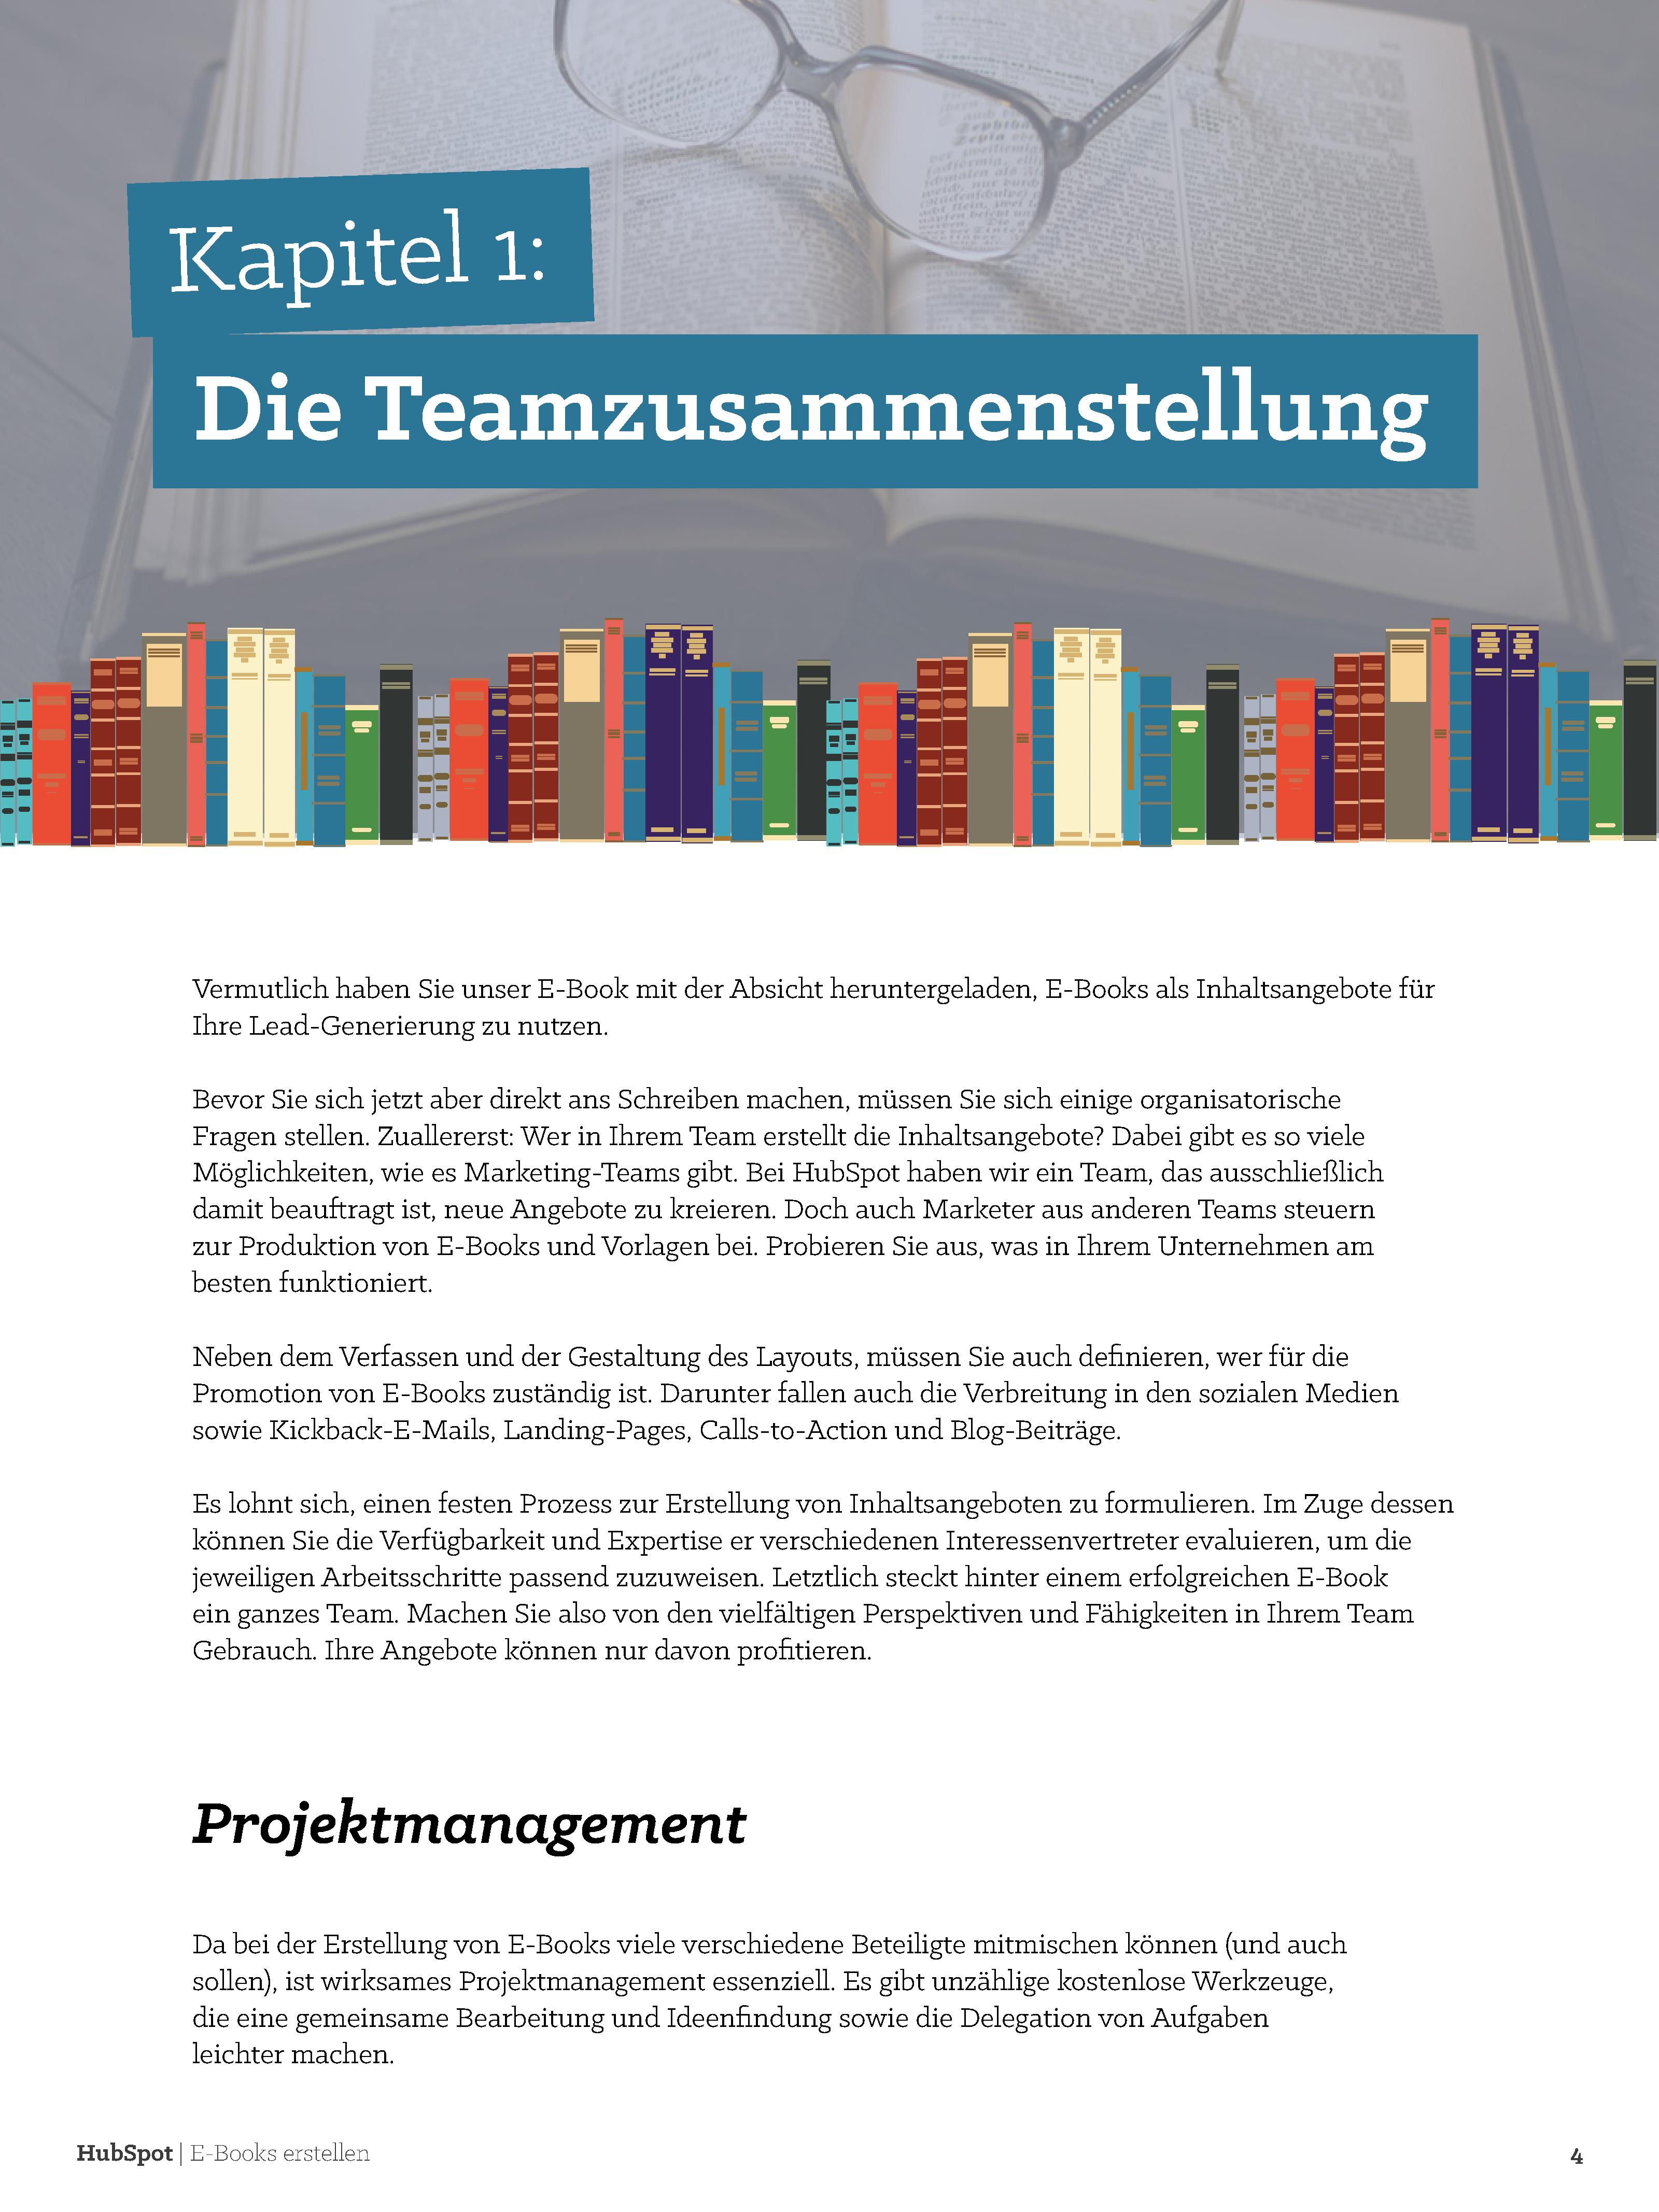 HubSpot-So-erstellen-Sie-E-Books-Vorschau-2